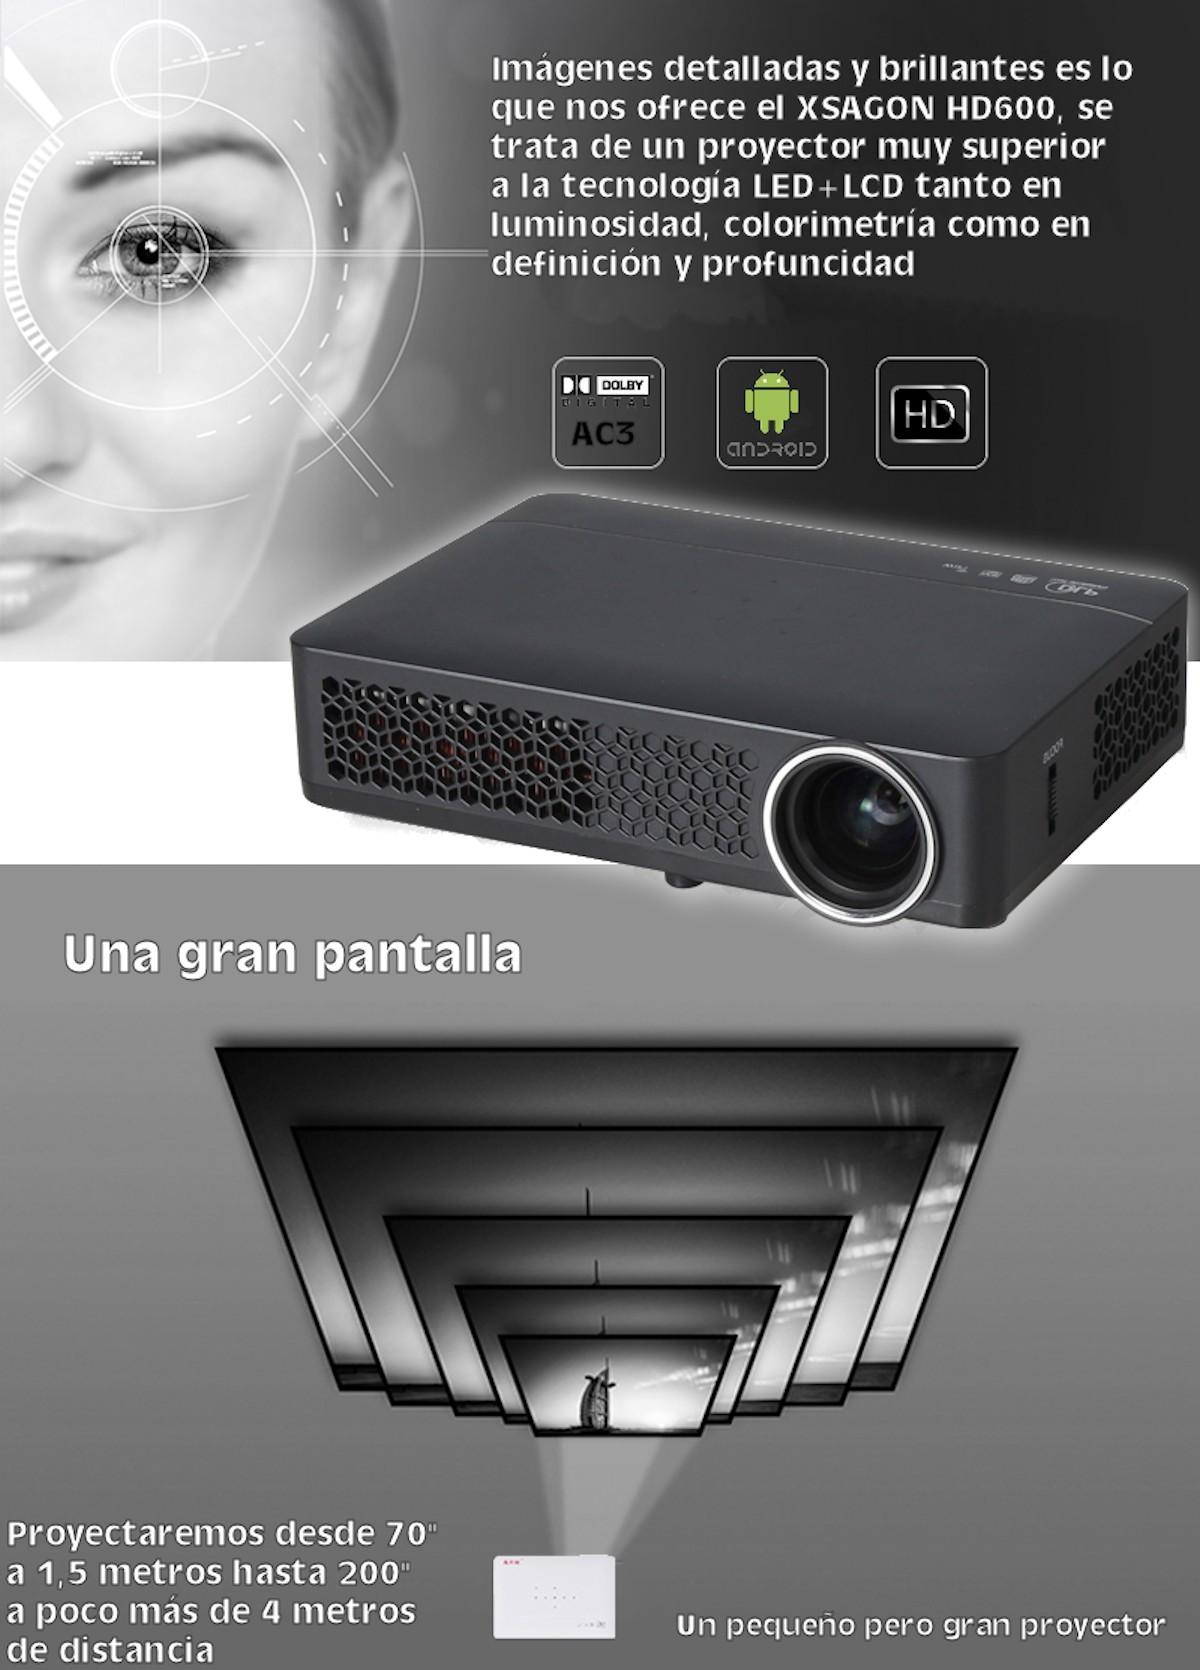 imagenes detalladas y brillantes es lo que nos ofrece el xsagon hd600, se trata de un proyector muy superior a la tecnologia led+lcd, tanto en luminosidad, colorimetria como en definición y profundidad